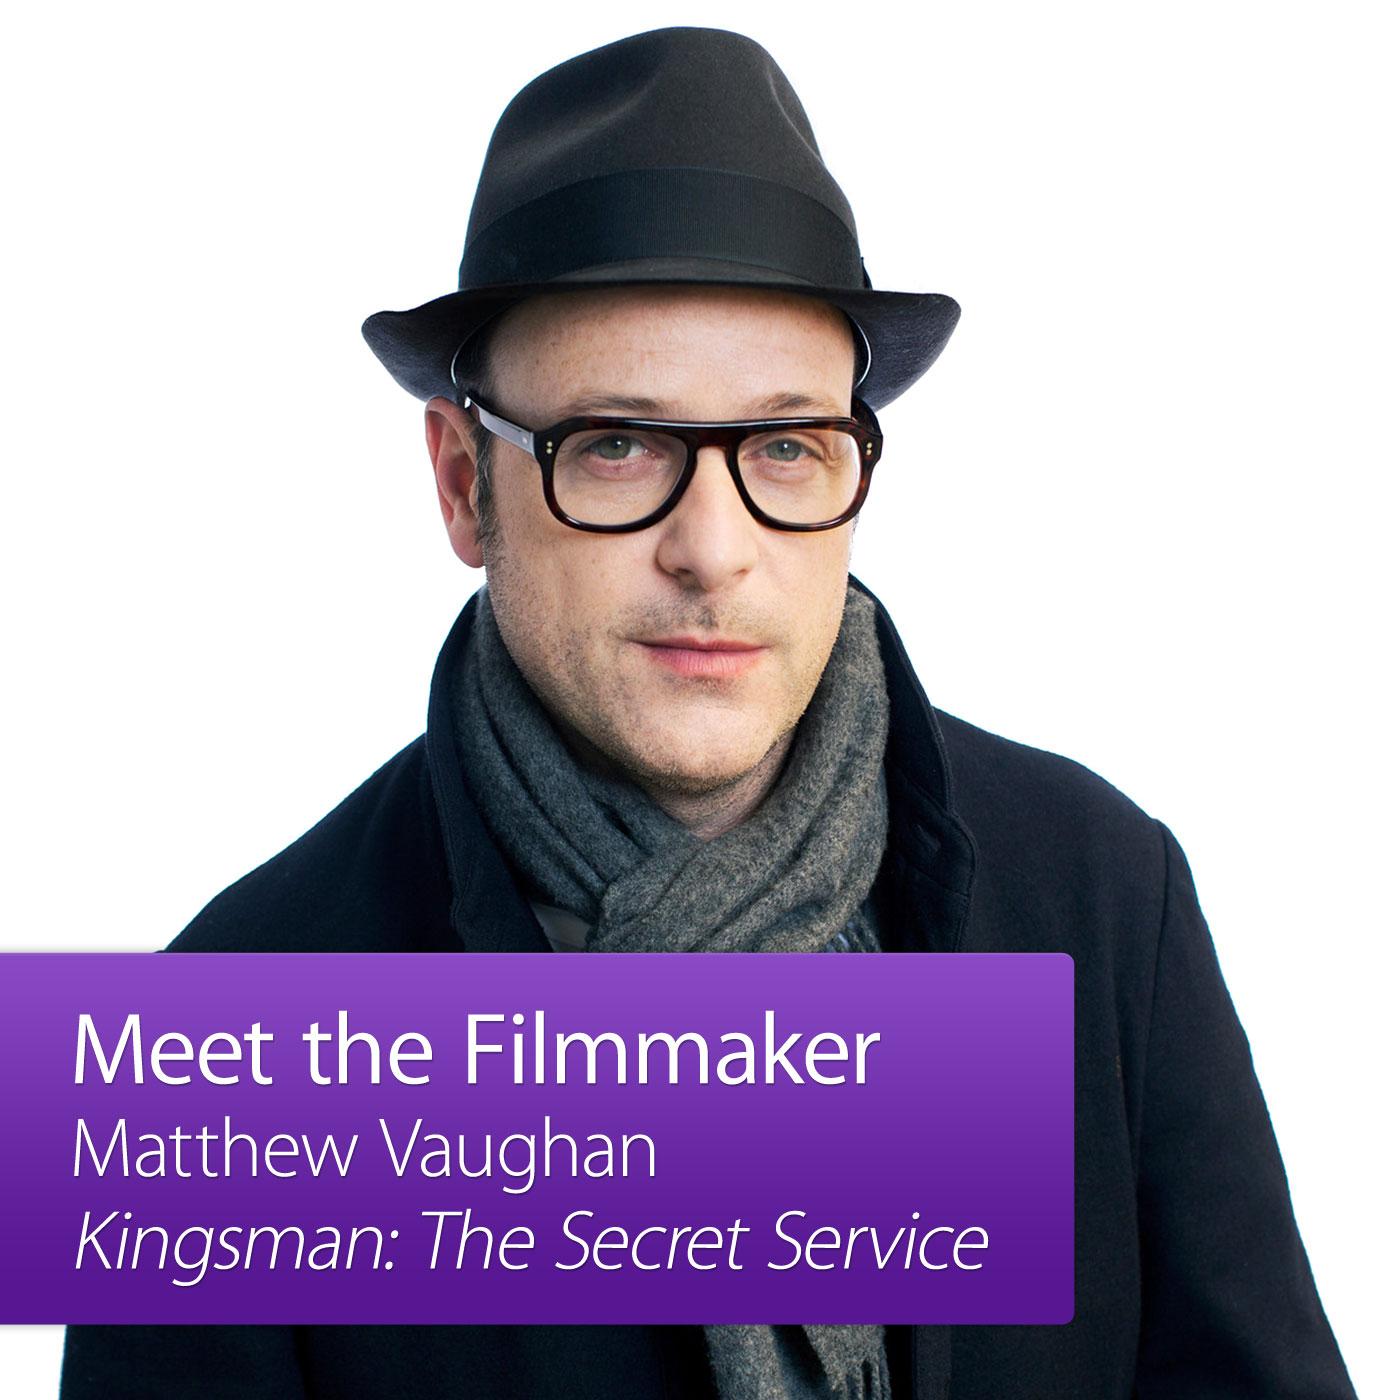 Kingsman: The Secret Service: Meet The Filmmaker